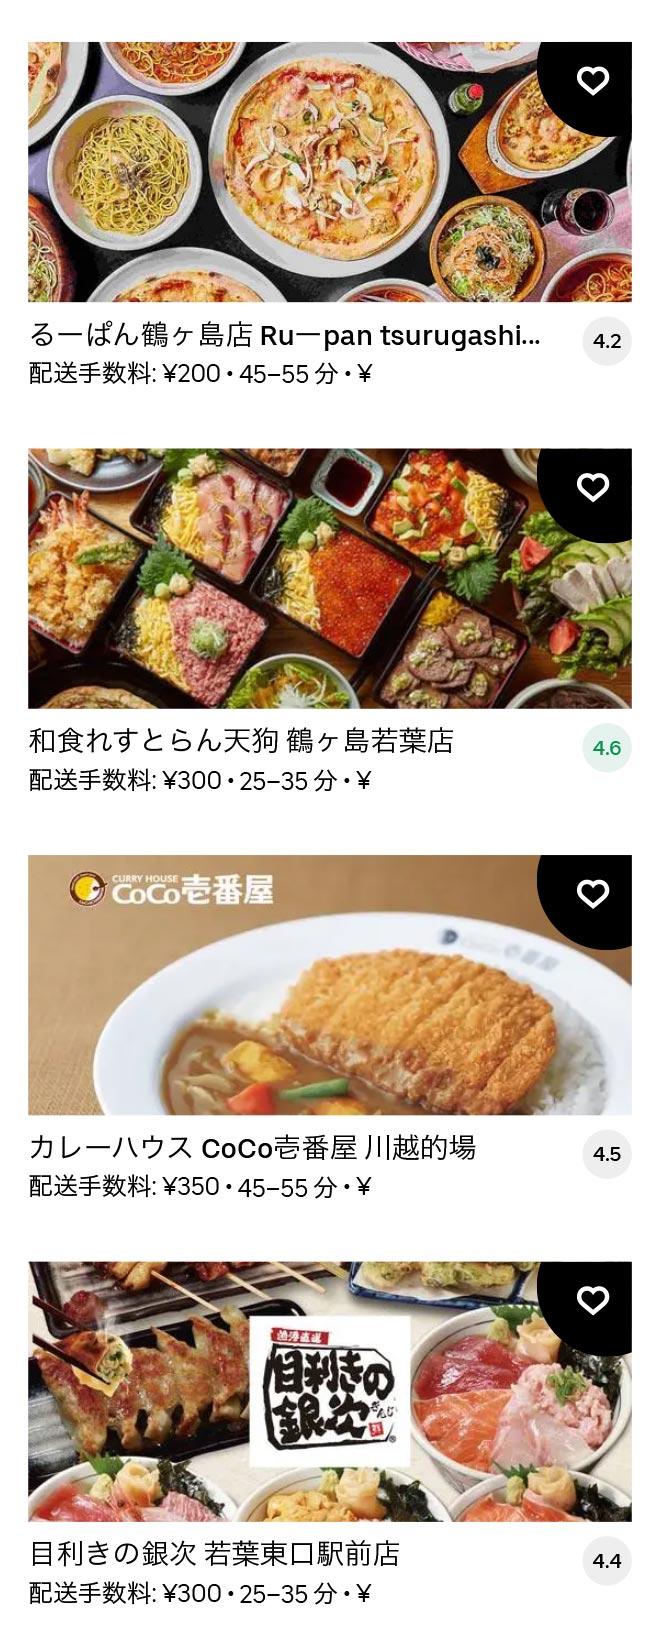 Tsurugashima menu 2101 03